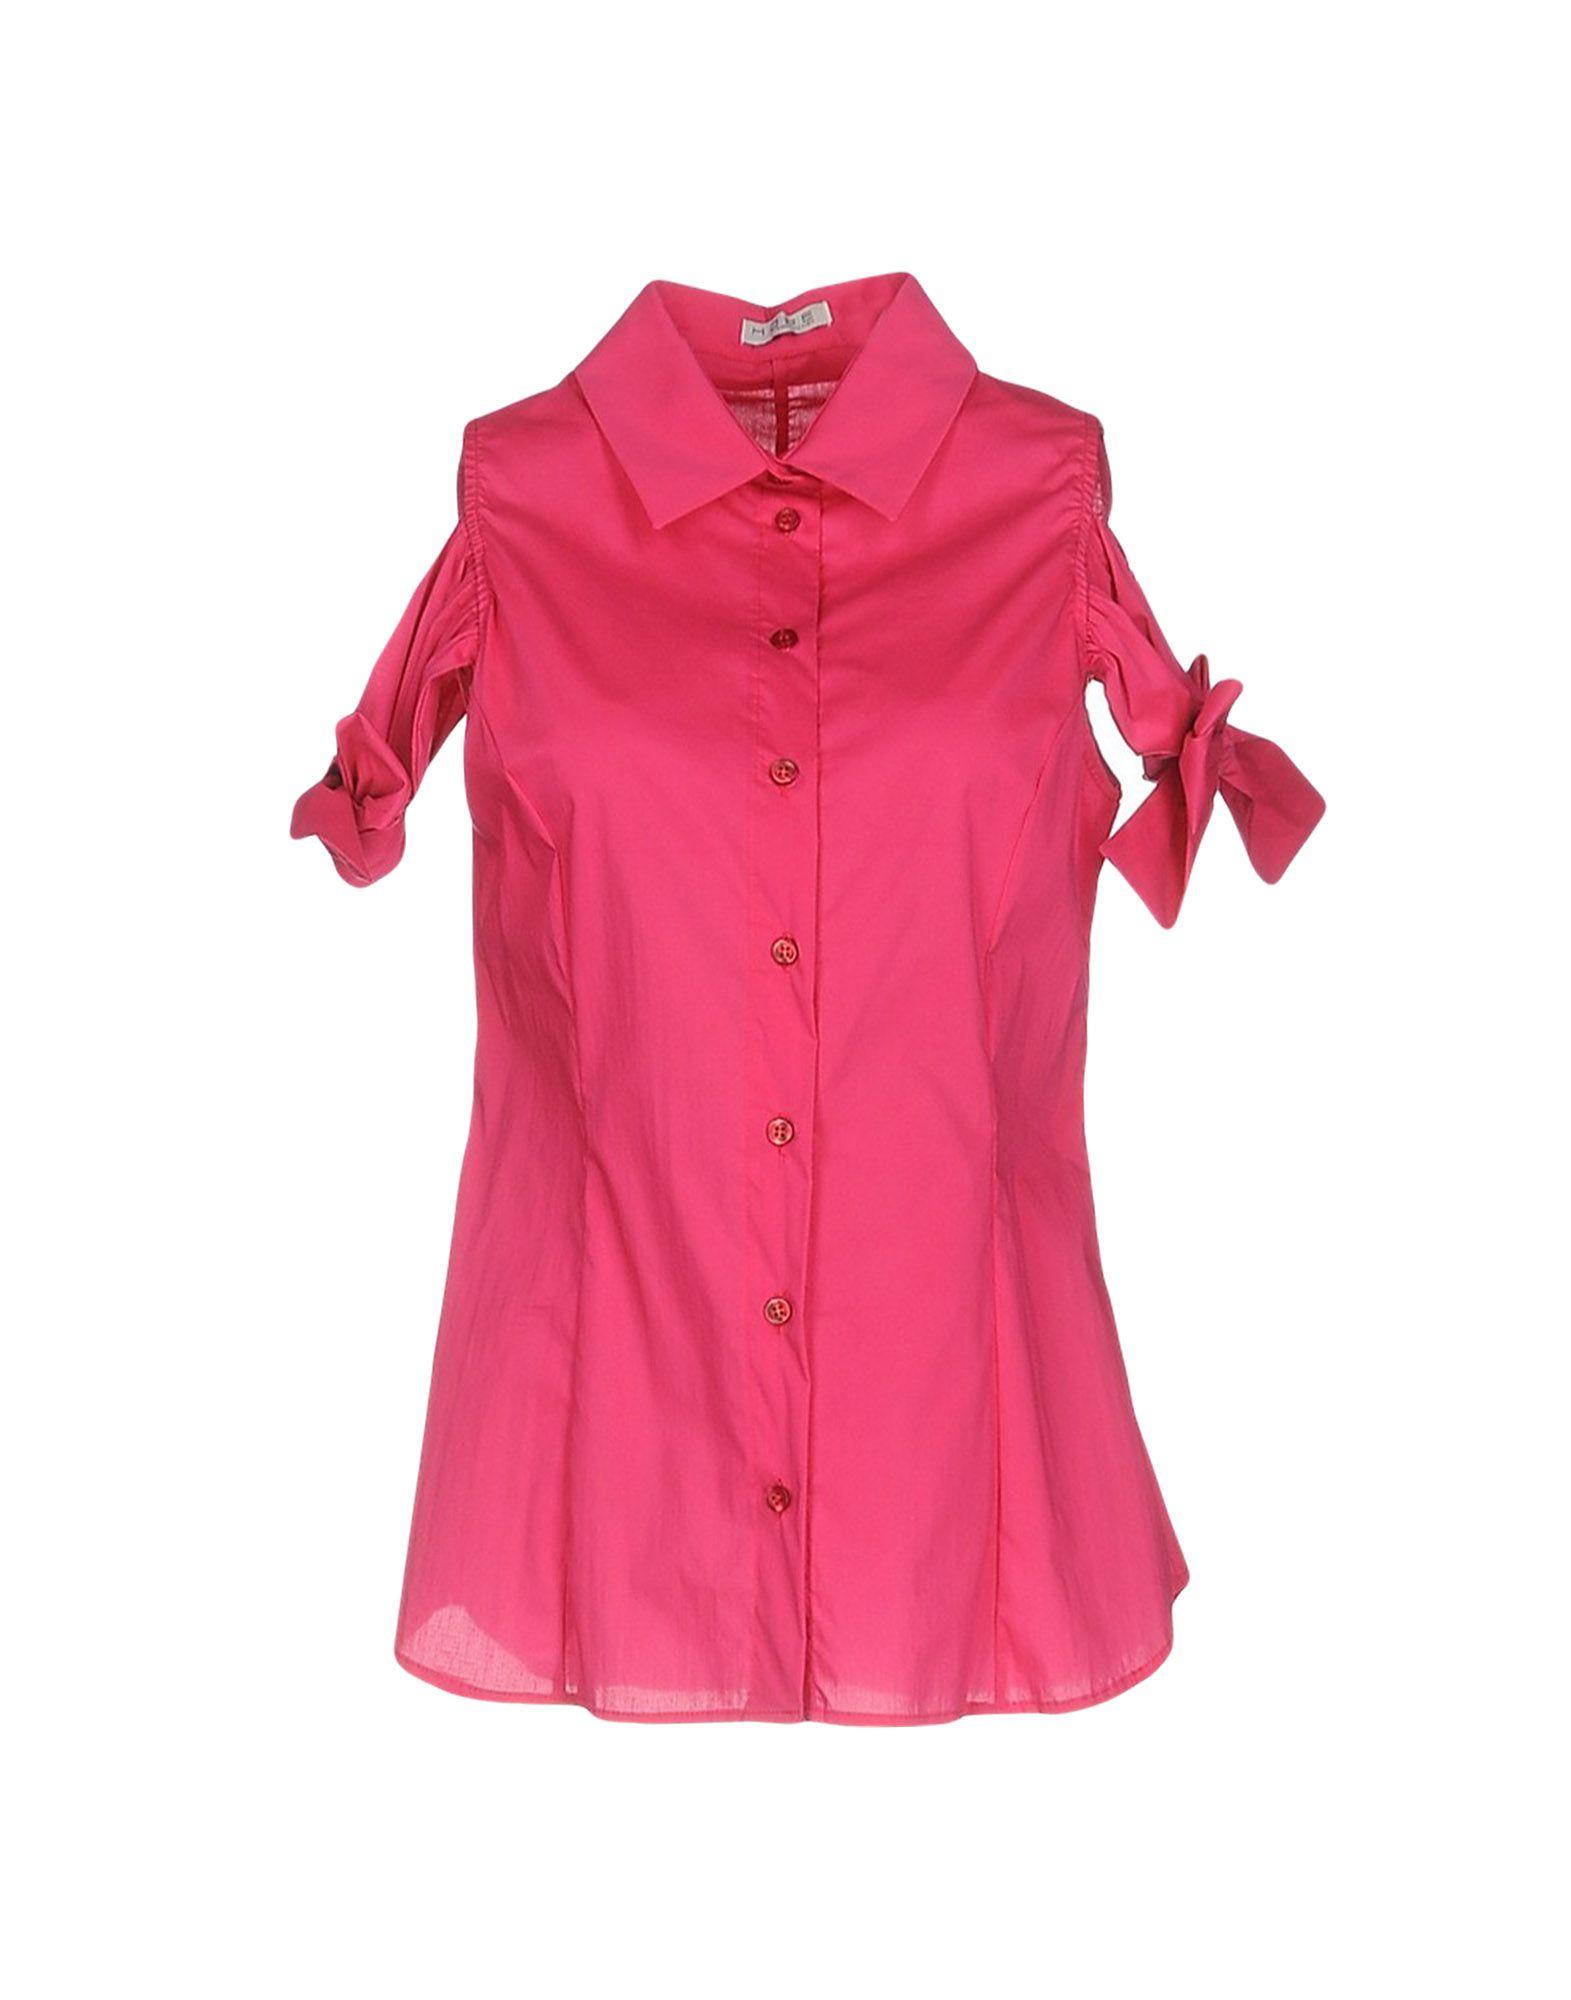 купить HOPE COLLECTION Pубашка по цене 3300 рублей